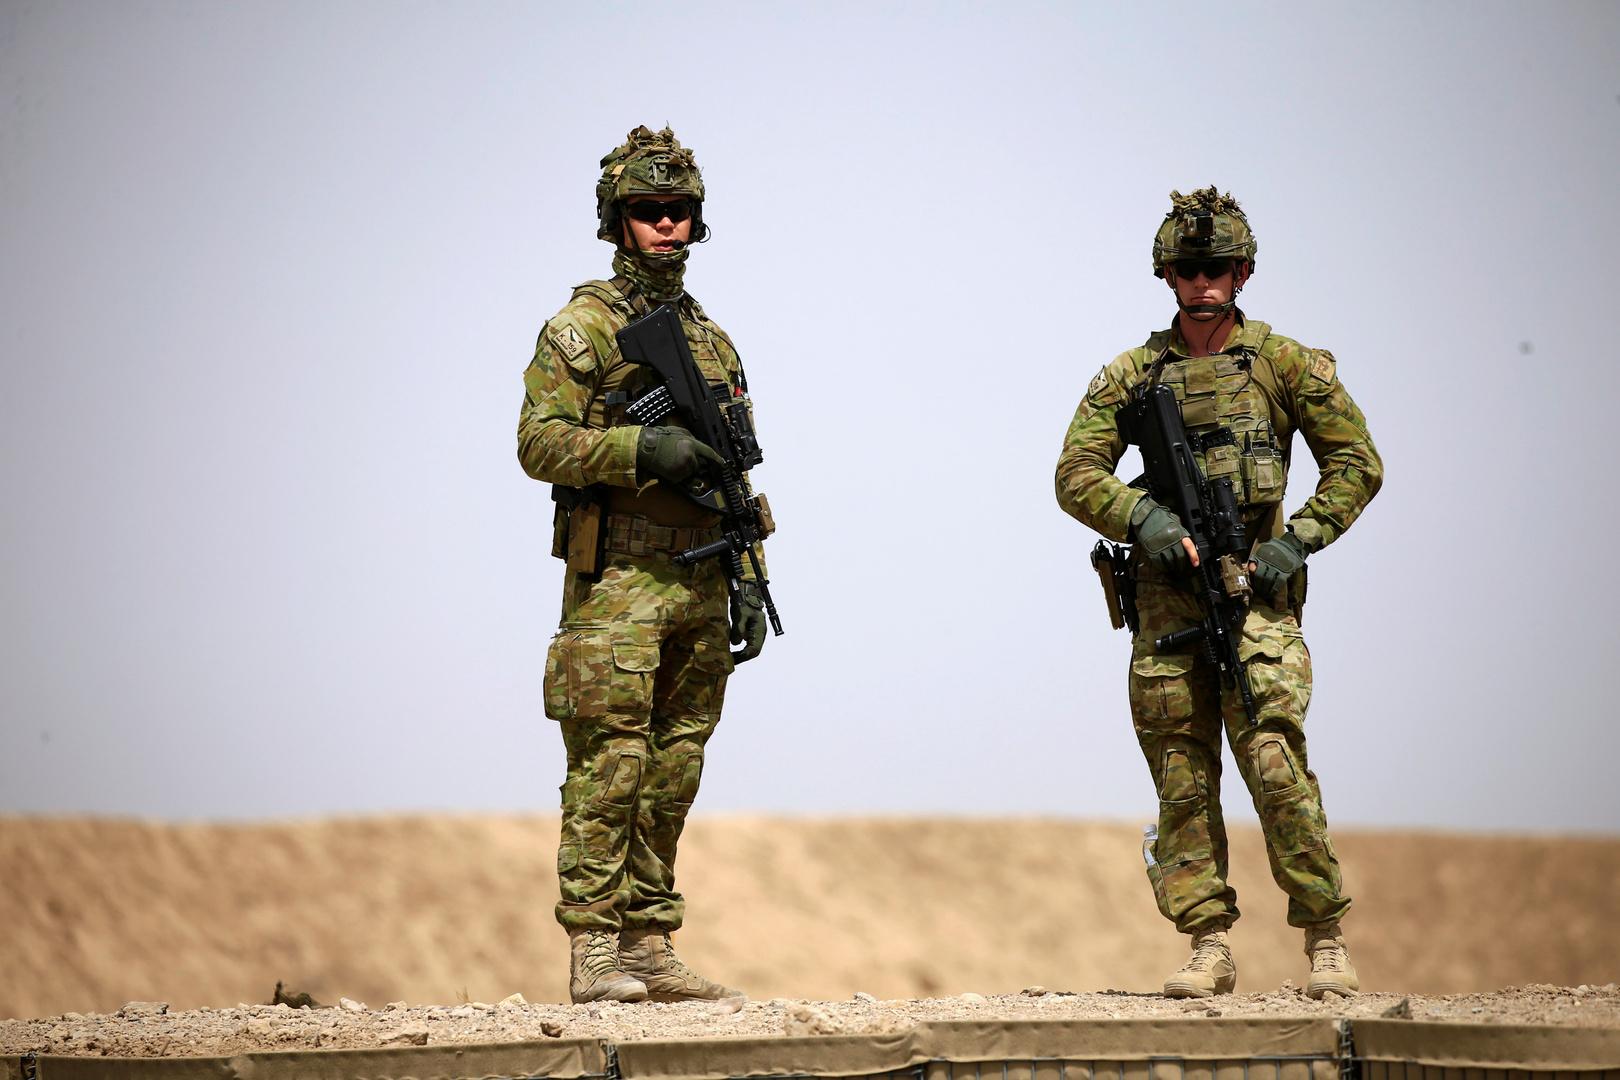 بعثة التحالف الدولي تقرر الانسحاب من مقرها غربي بغداد وتسليمه للقوات العراقية